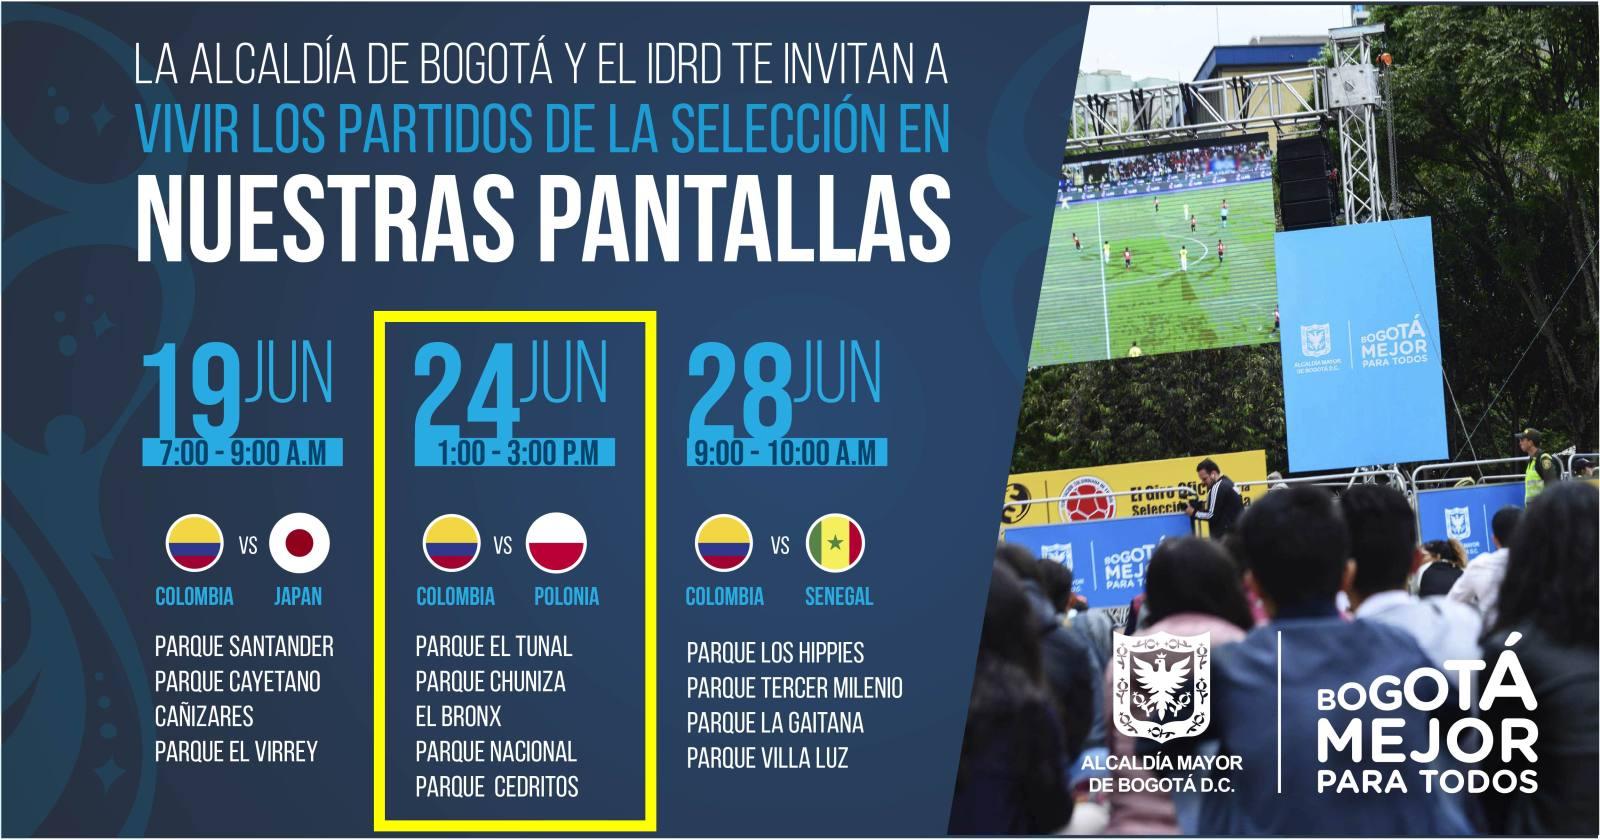 Partido Colombia vs. Polonia en pantalla grande (zonas y horarios)